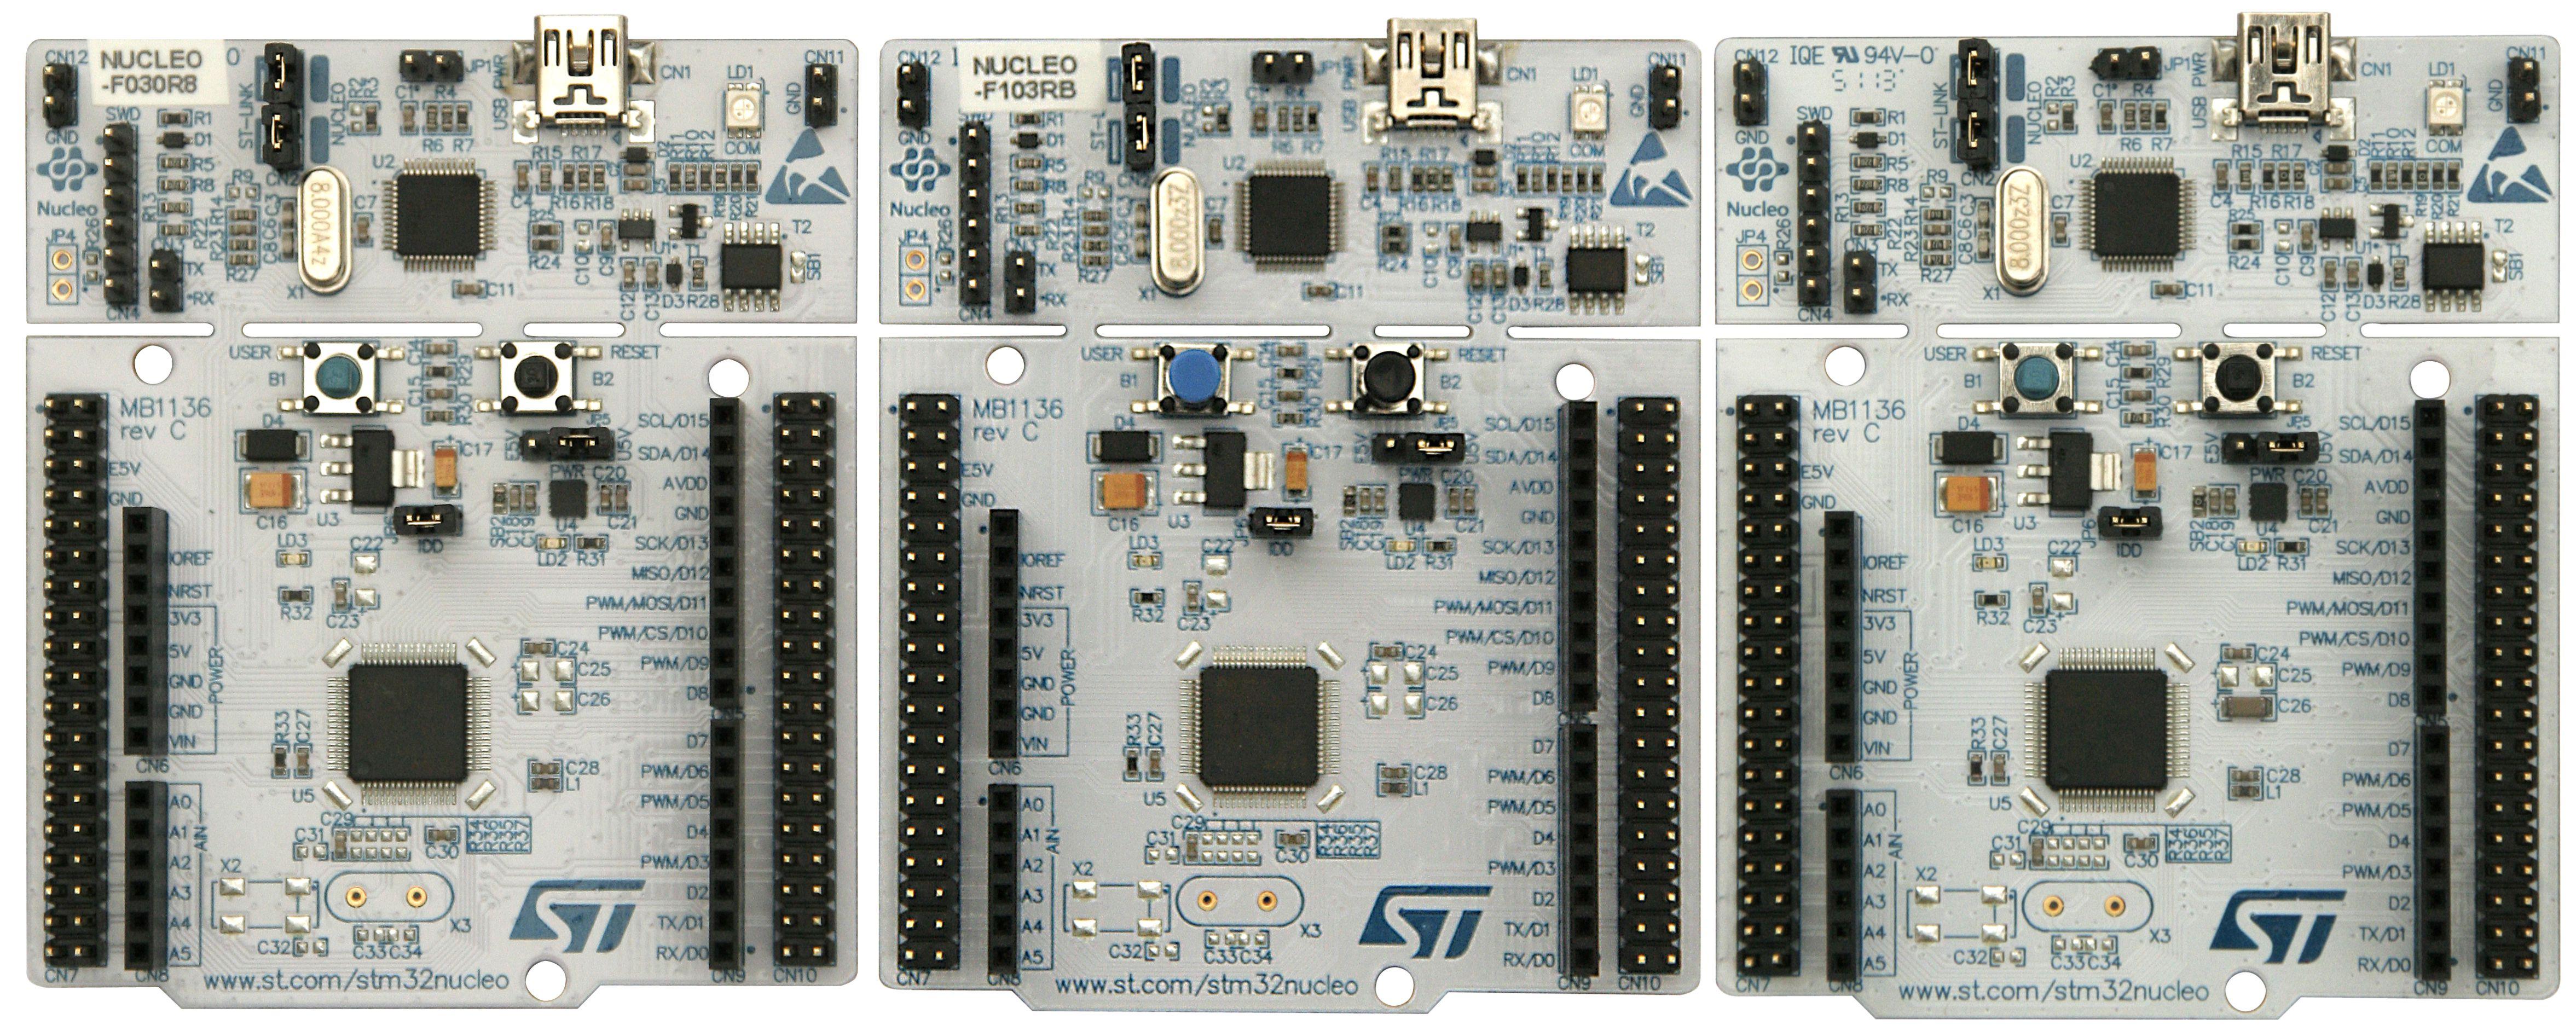 STM32Nucleo_trzy_plytki_duze